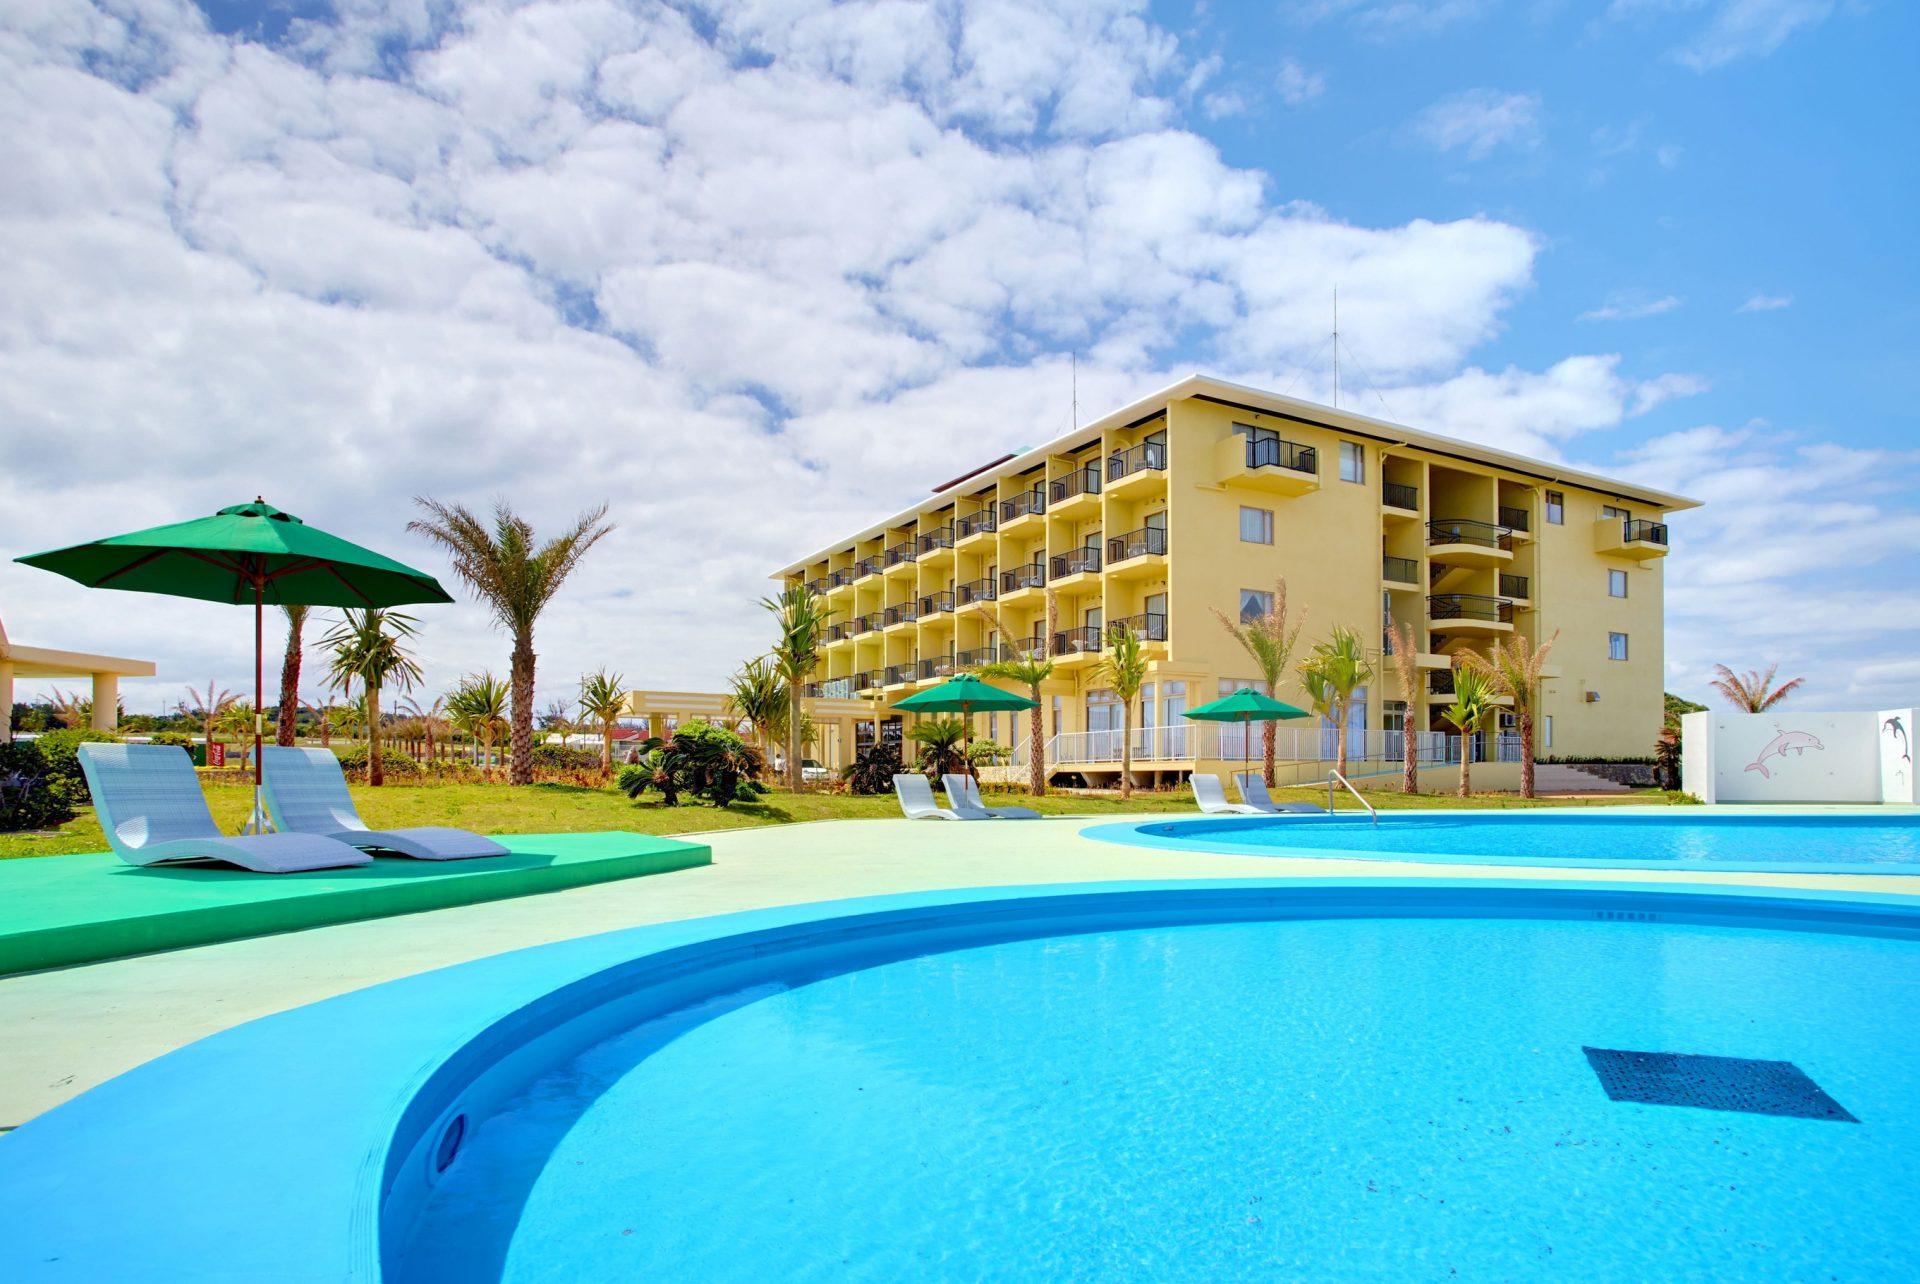 プール AJ リゾート アイランド 伊計島 ホテル 沖縄 旅行 うるま市 観光 おすすめ